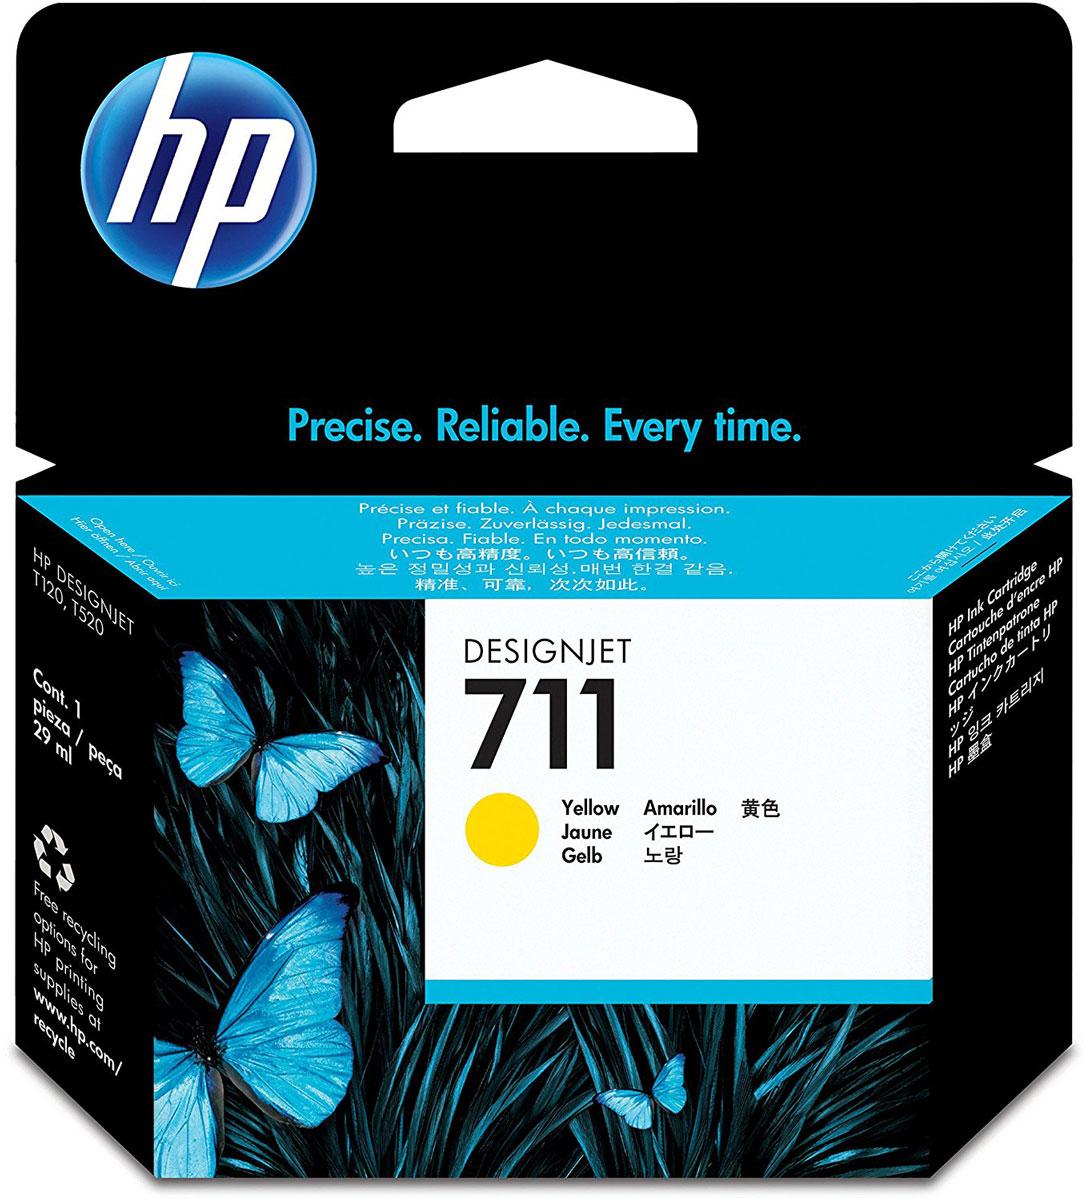 HP CZ132A (711), Yellow картридж для T120/T520CZ132AКартридж HP 711 емкостью 29 мл с желтыми чернилами обеспечивает великолепную печать. Насыщенный цвет и четкие линии в сочетании с быстрым высыханием и стойкостью фотографий к смазыванию. Оригинальные чернила HP разработаны и протестированы вместе с принтерами для обеспечения стабильных результатов. Пробы и ошибки отнимают время. Для получения качества, достойного вас, используйте оригинальные расходные материалы HP, которые в сочетании с принтером работают как оптимизированная система печати для обеспечения точных линий, четких деталей и богатой цветовой гаммы. Представьте, какое влияние вы сможете оказать на своих слушателей, если в вашем арсенале будут четкие и легкочитаемые чертежи и цветные презентации. Оригинальные чернила HP - это уникальная комбинация качества и надежности; чернила HP - это четкость линий, быстрое высыхание и стойкость к смазыванию.